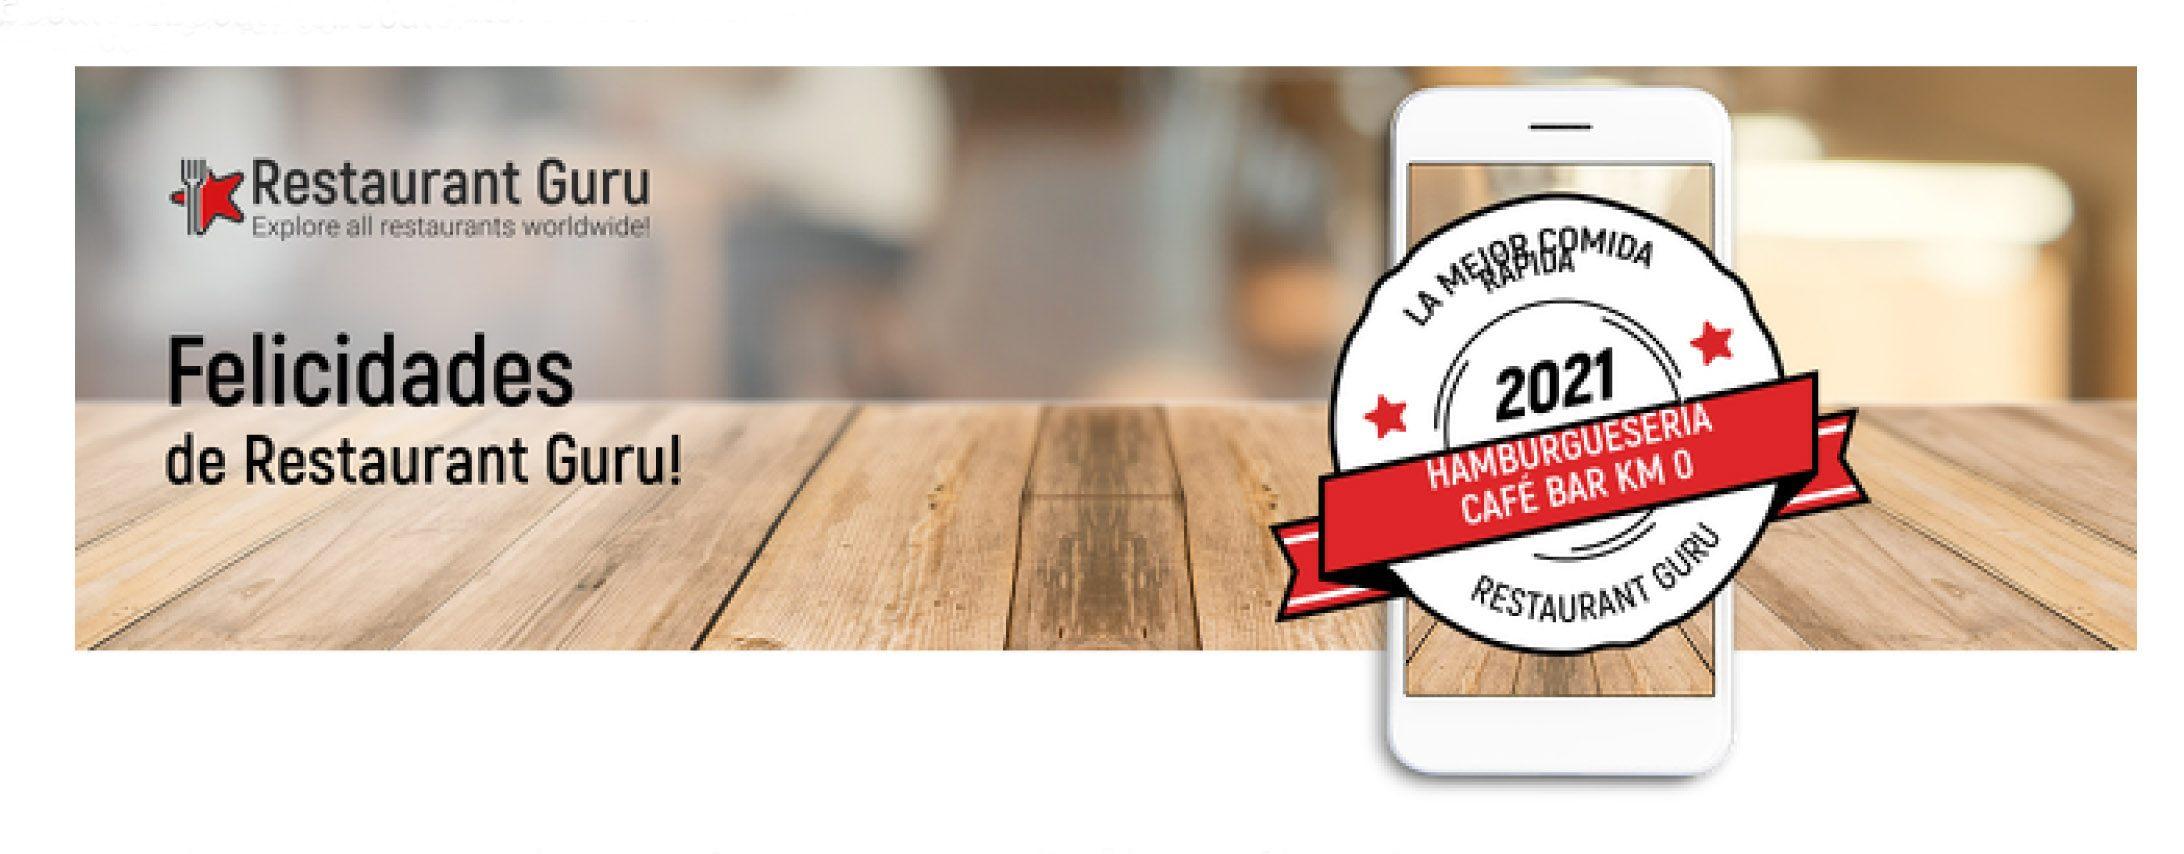 Hamburguesería Café Bar Km 0 ha sido premiado por los comentarios de sus clientes en restaurante Gurú!